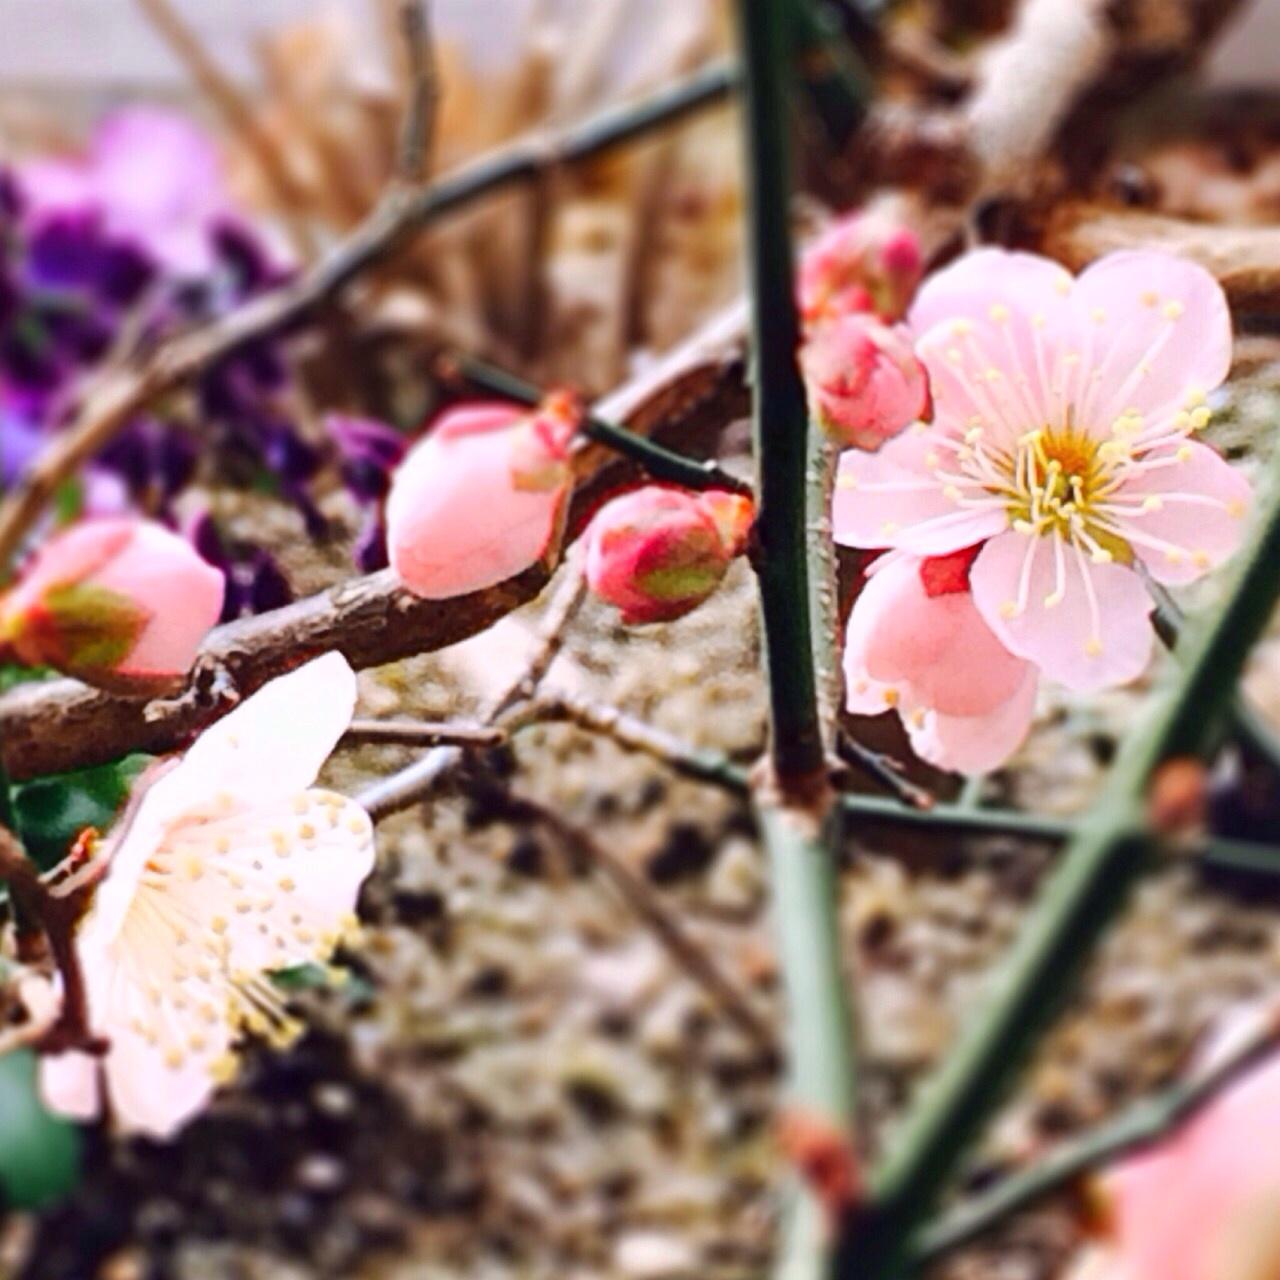 春の訪れですね*\\(^o^)/*_f0241925_13153776.jpg